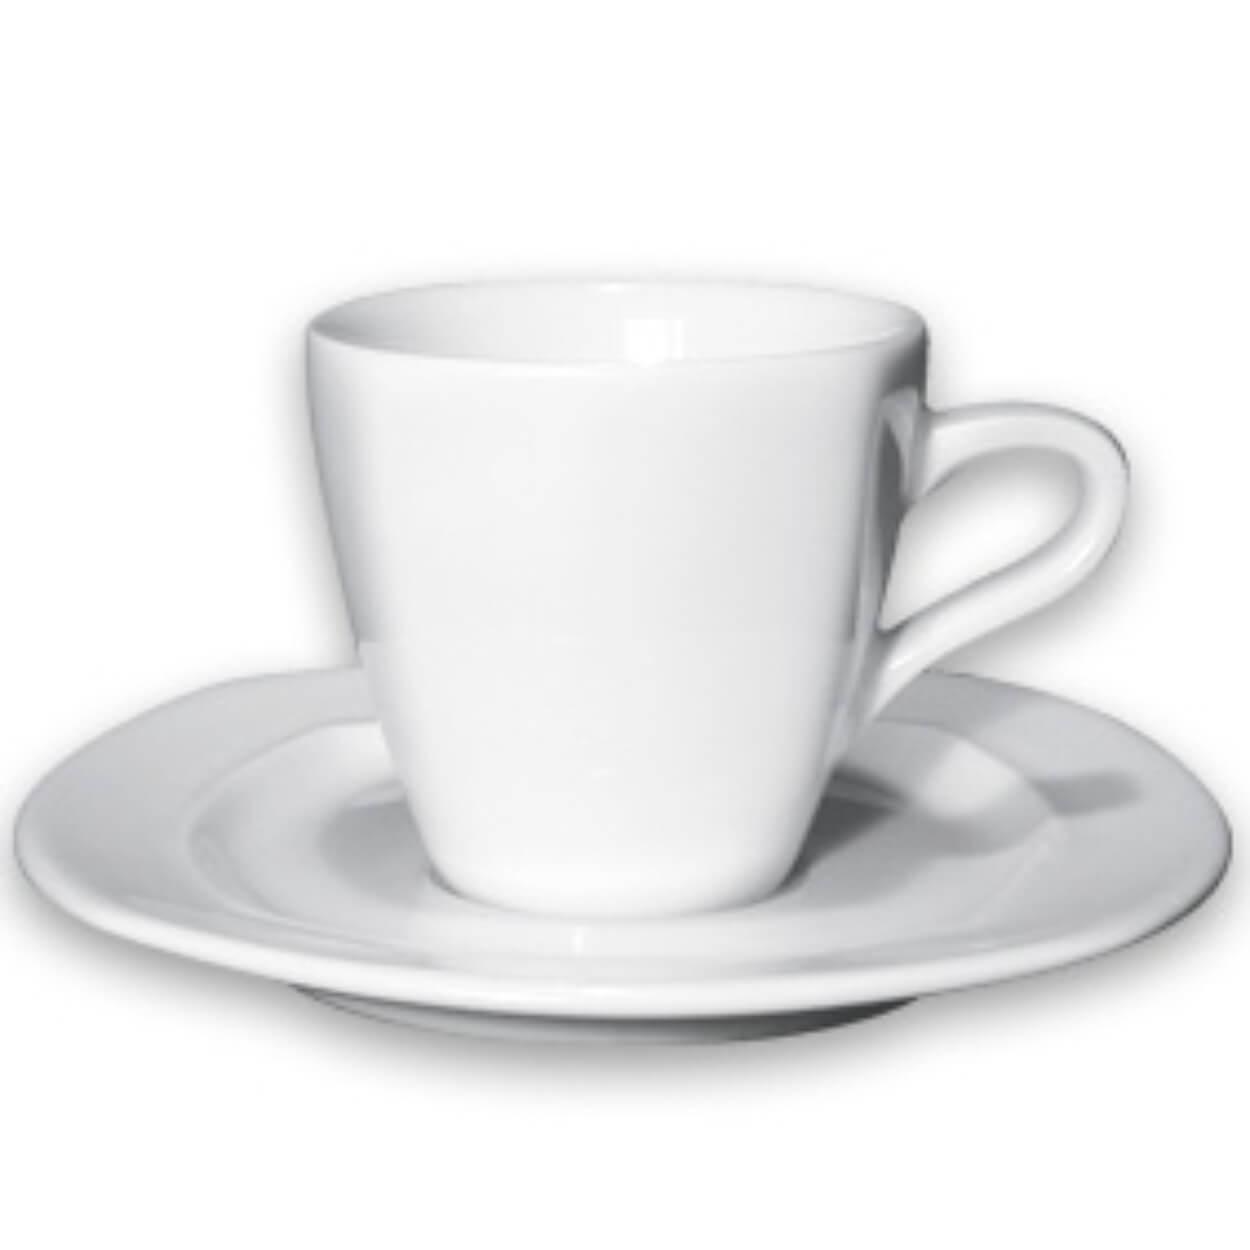 ΦΛIΤΖΑΝΙ+ΠΙΑΤΑΚΙ ΠΟΡΣΕΛ. Espresso 8γωνο White OGGI